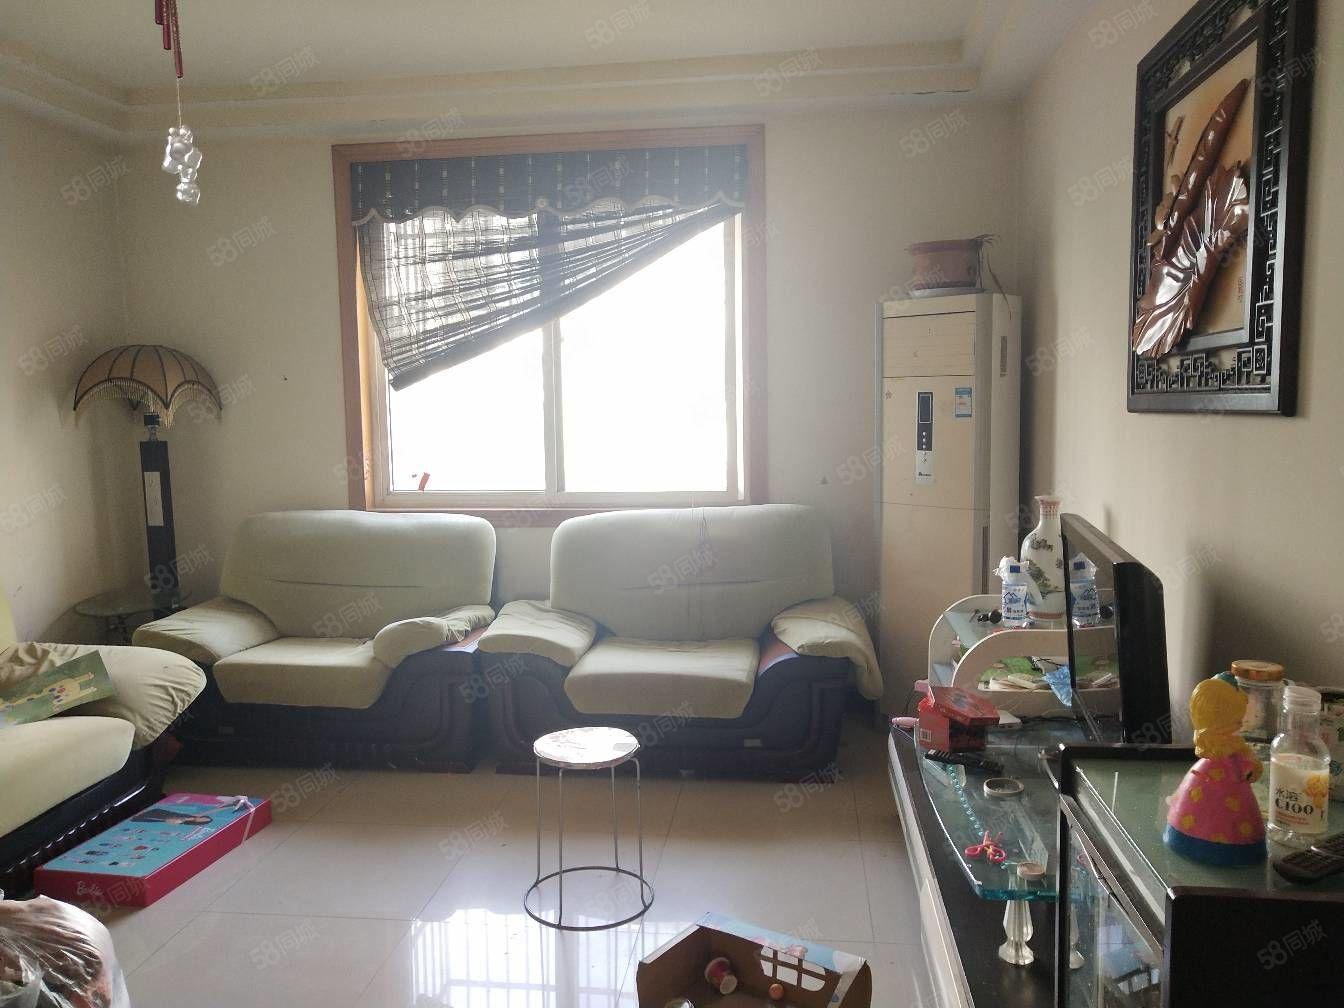 八一小区市中心繁华地段精装三室两卫多层四楼,家具家电齐全拎包